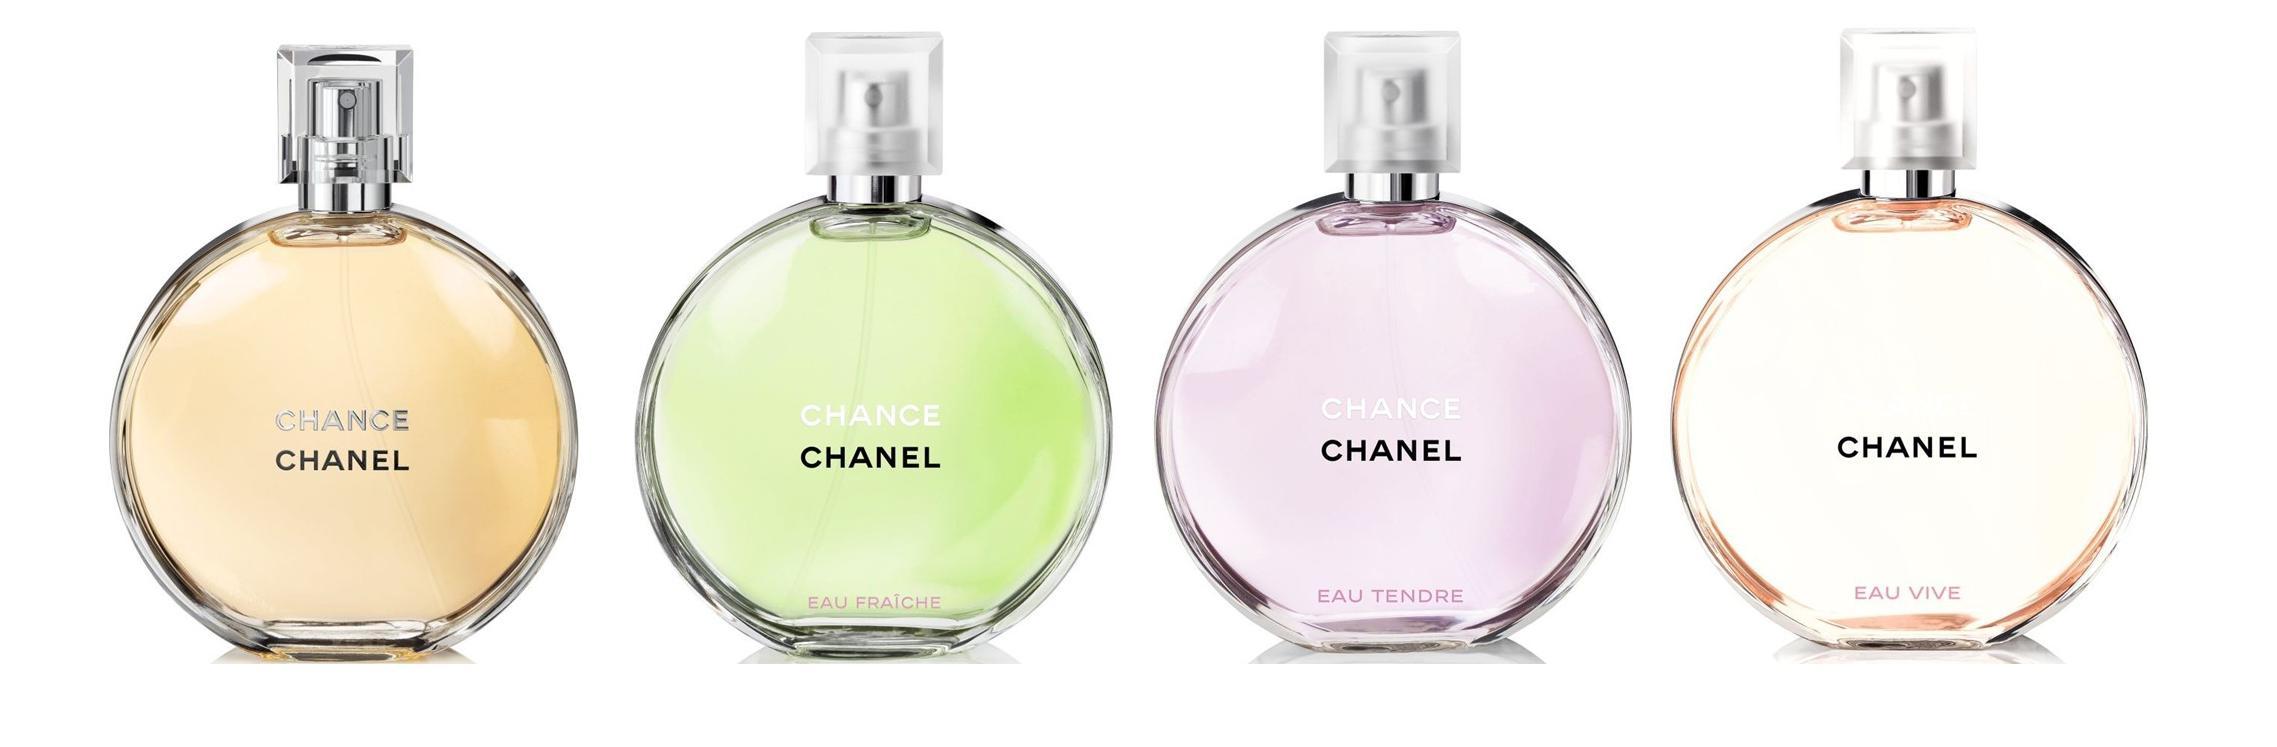 Шанель духи все виды женские